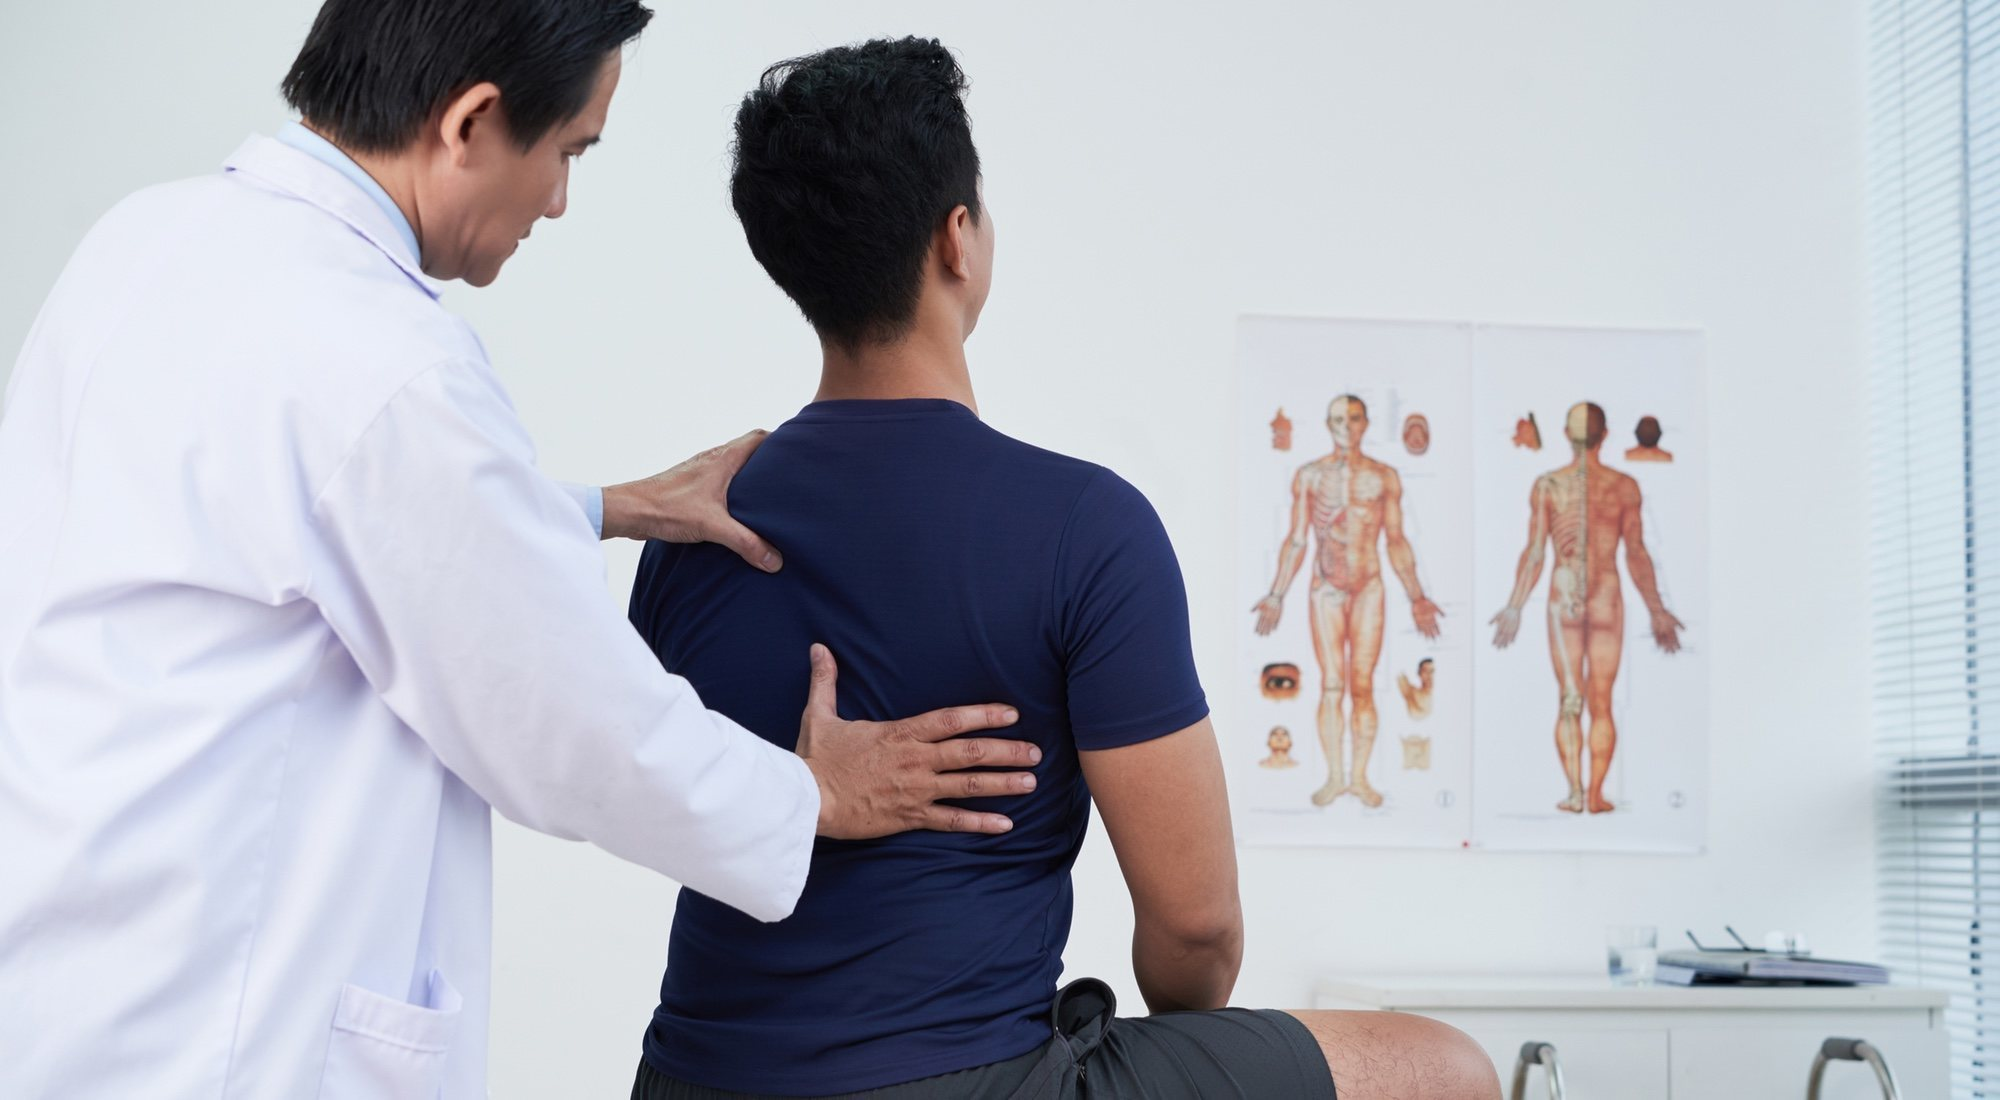 ¿Cuándo debes ir a un quiropráctico? ¿Cómo trabaja?